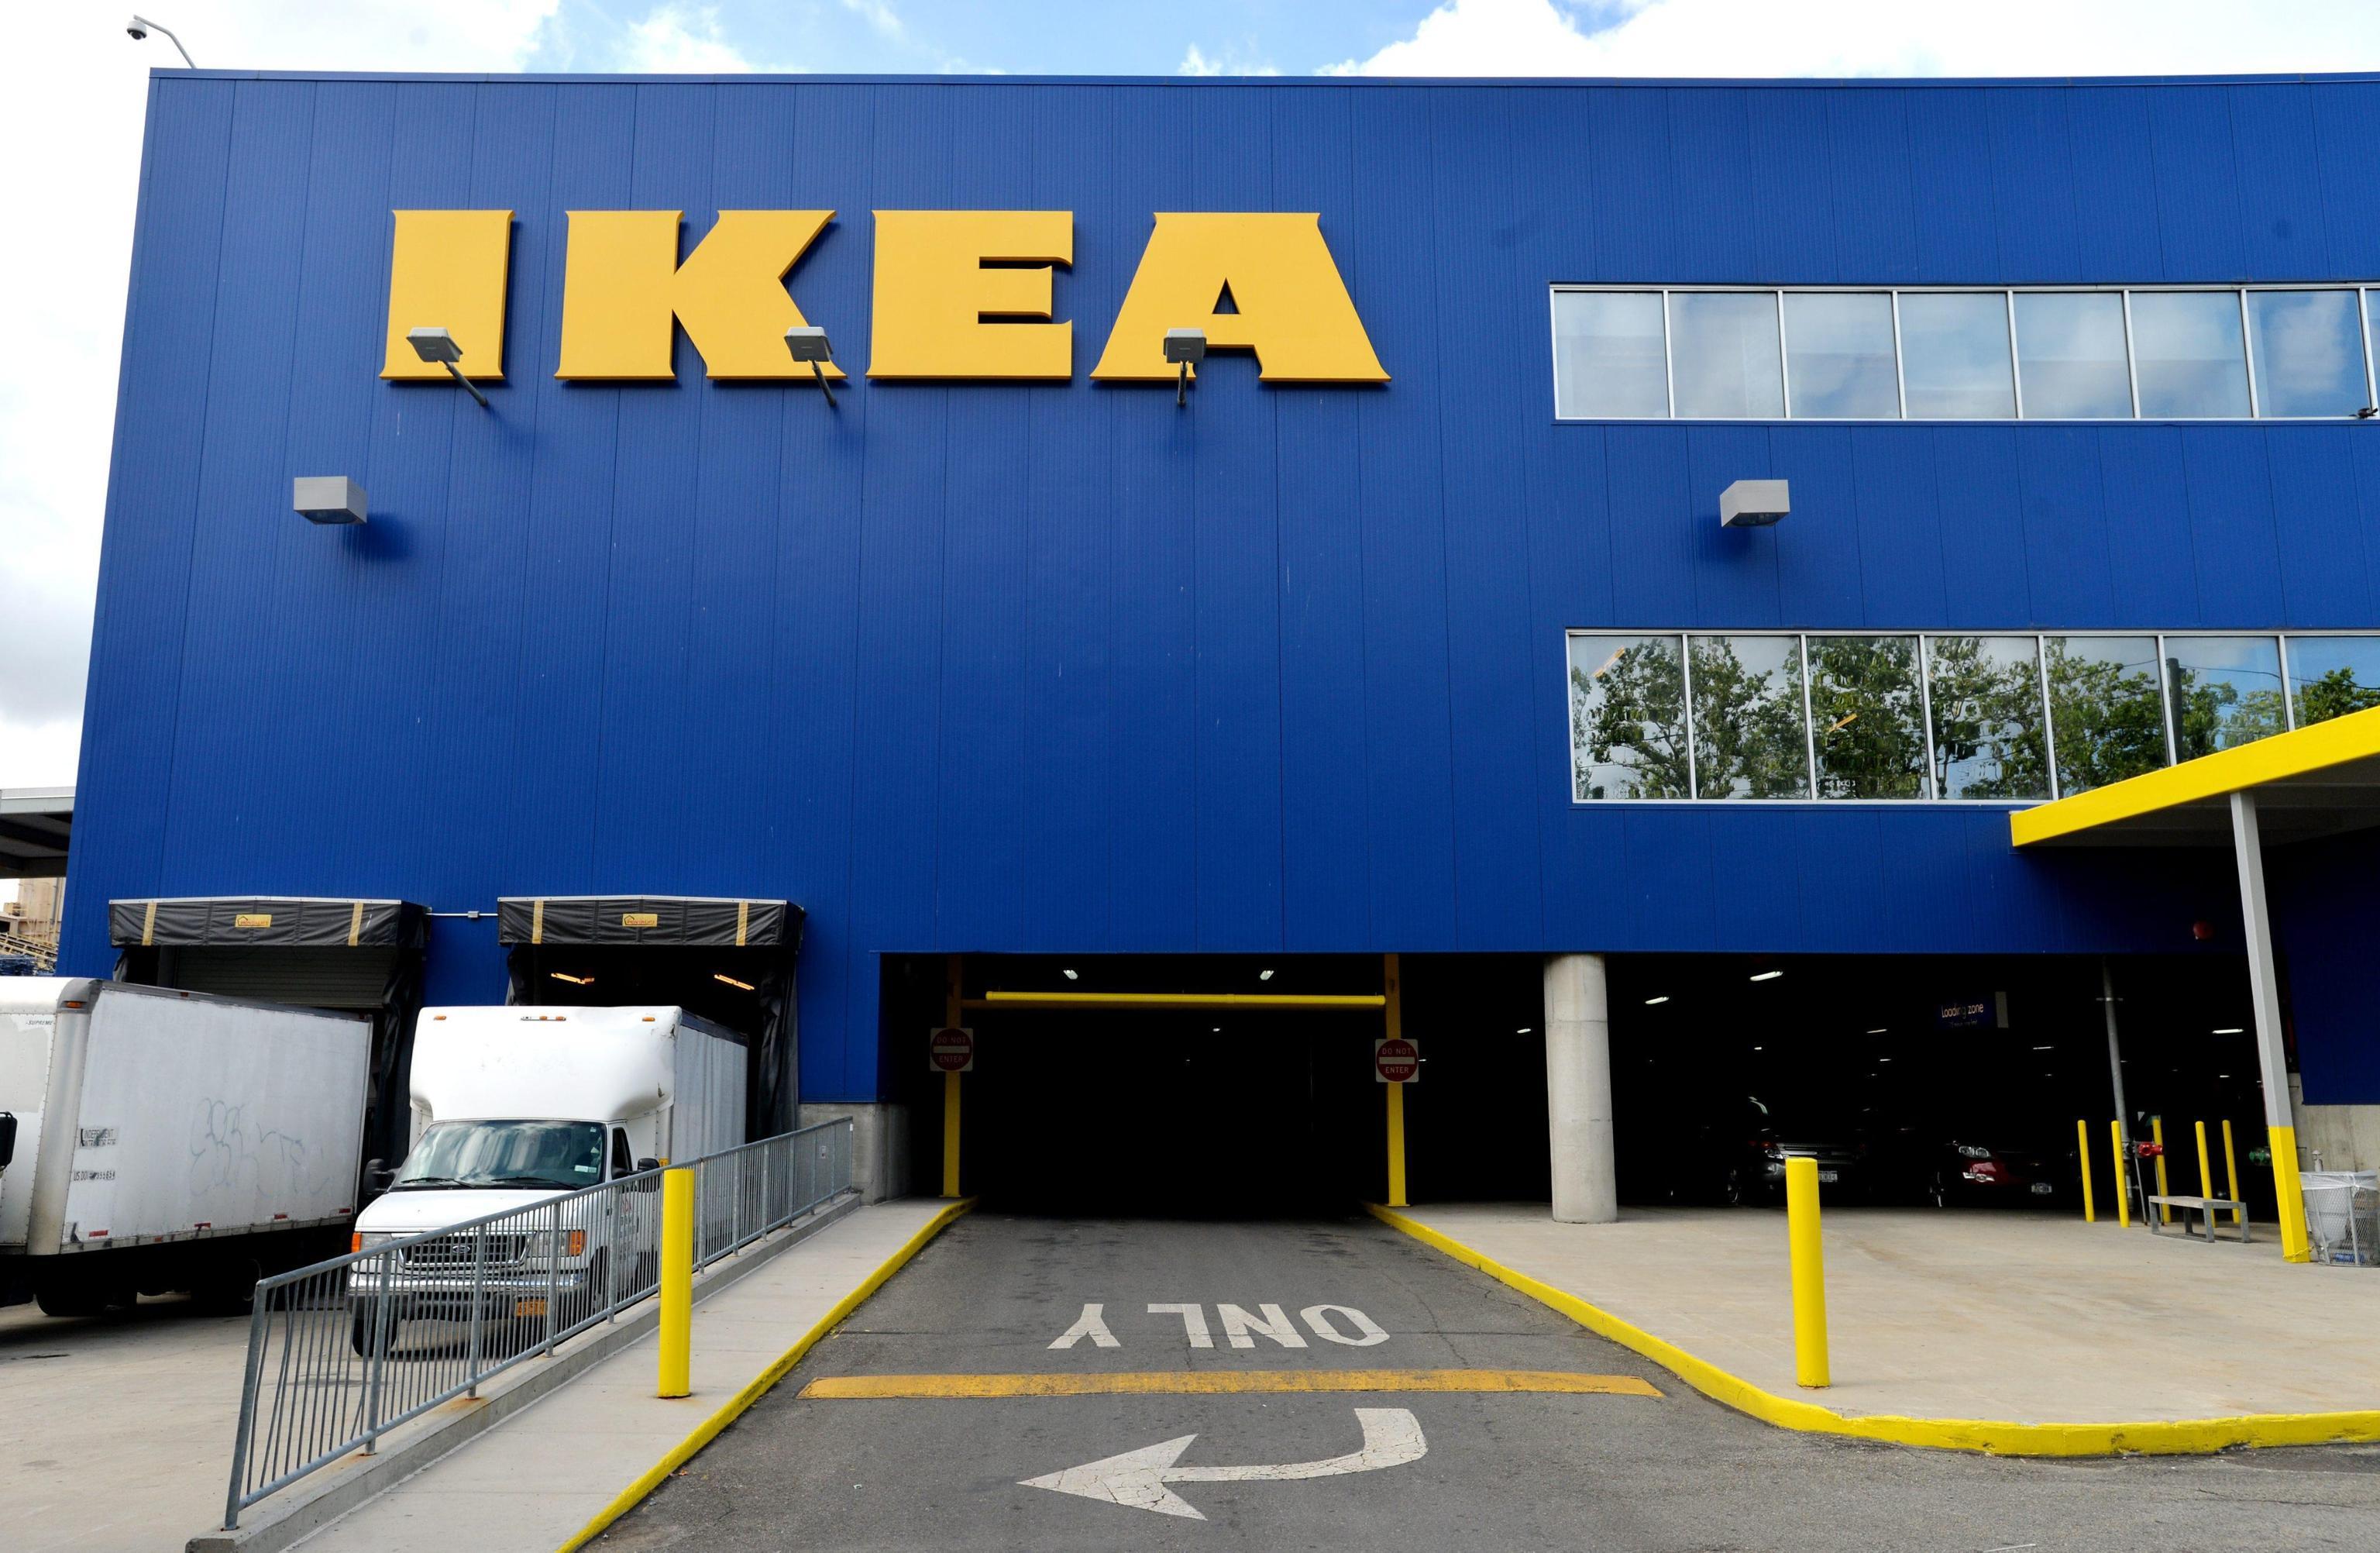 Mobili usati: Ikea li riacquista e paga in voucher